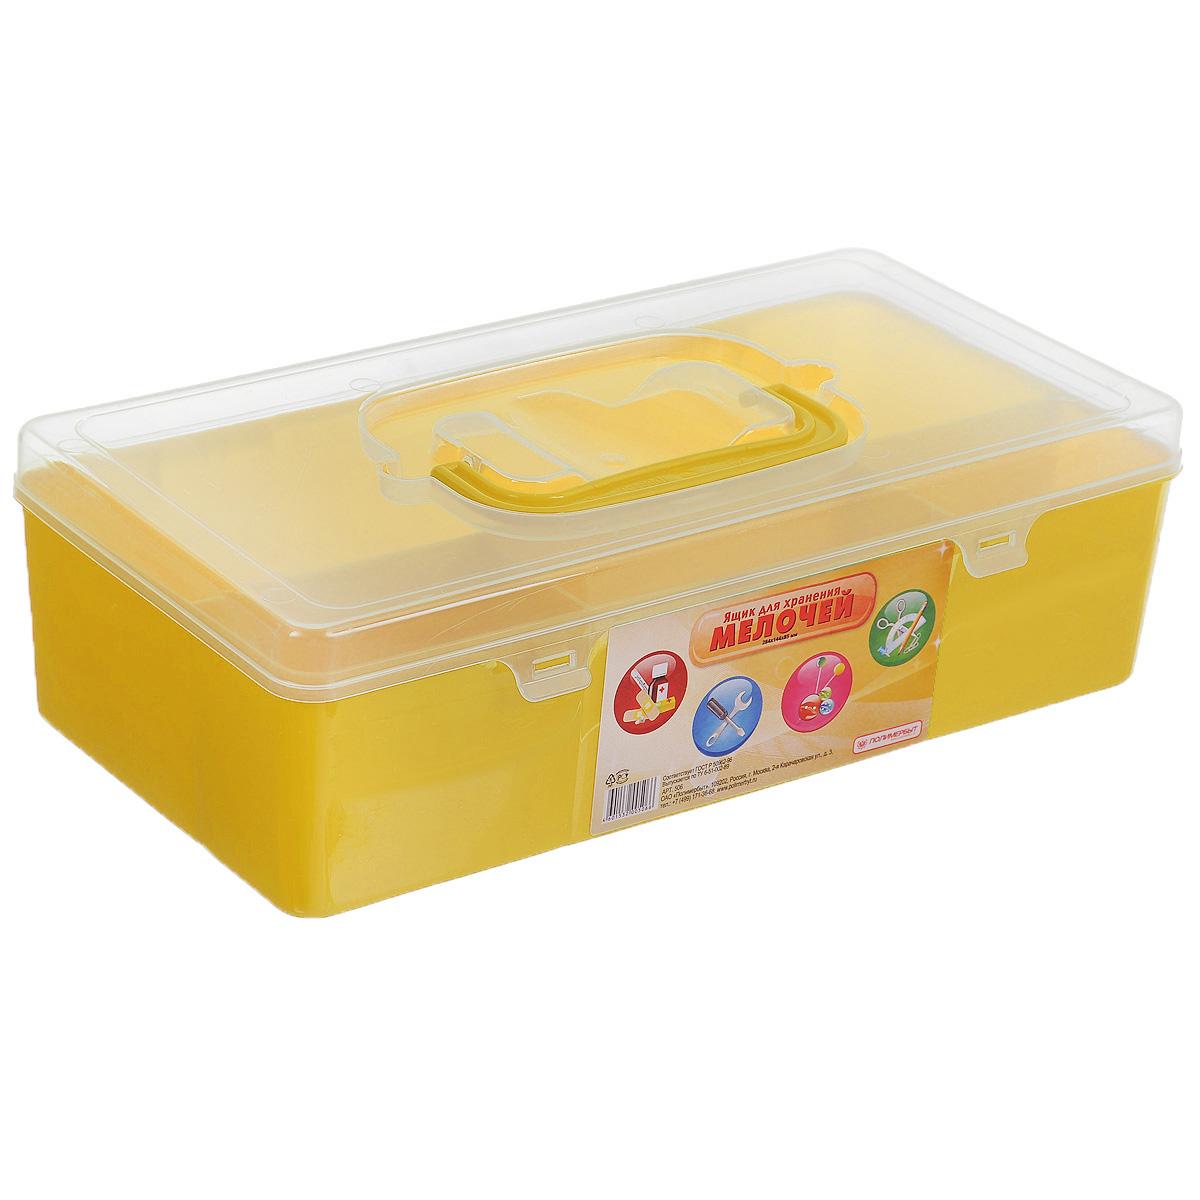 Ящик для мелочей Полимербыт, цвет: желтый, 28,4 х 14,4 х 8,5 смАС17445Ящик Полимербыт, выполненный из прочного пластика, предназначен для хранения различных мелких вещей. Внутри имеются 4 отделения различных размеров: большое, среднее и два маленьких. Ящик закрывается при помощи прозрачной крышки, на которой расположена удобная ручка для переноски. Ящик Полимербыт поможет хранить все в одном месте, а также защитить вещи от пыли, грязи и влаги.Размеры отделений:Размер большого отделения: 28,4 см х 9 см х 8,5 см; Размер среднего отделения: 11,3 см х 4,7 см х 8,5 см; Размер малого отделения: 8 см х 4,7 см х 8,5 см.